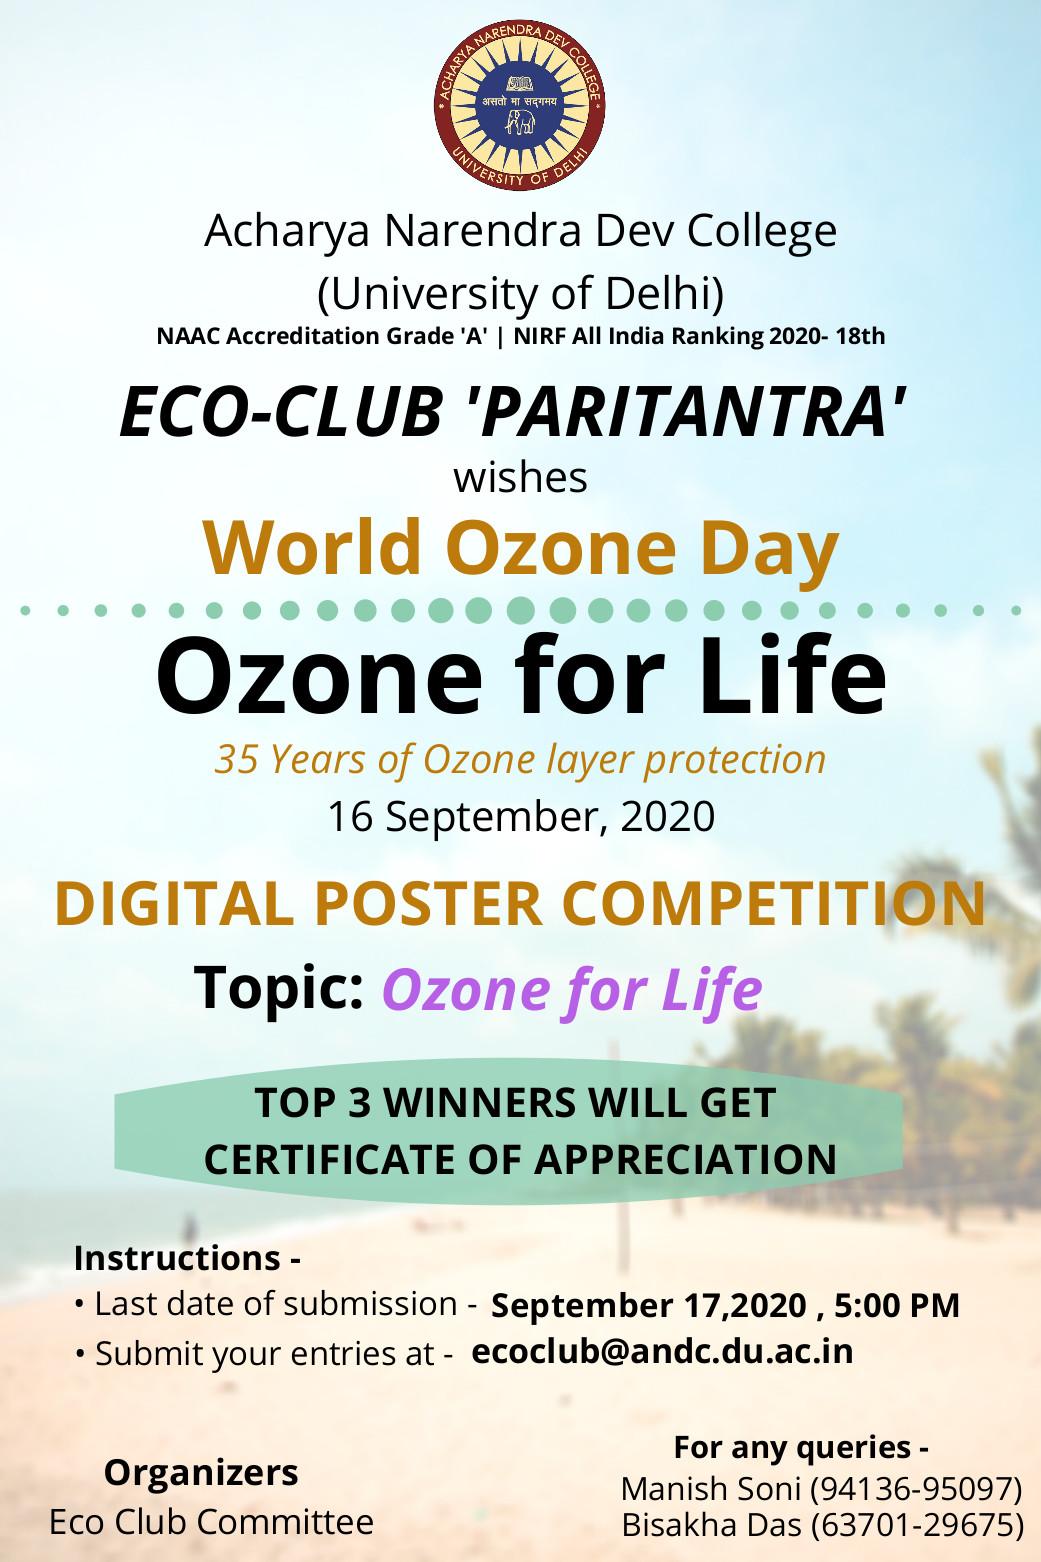 OZONE DAY 2020